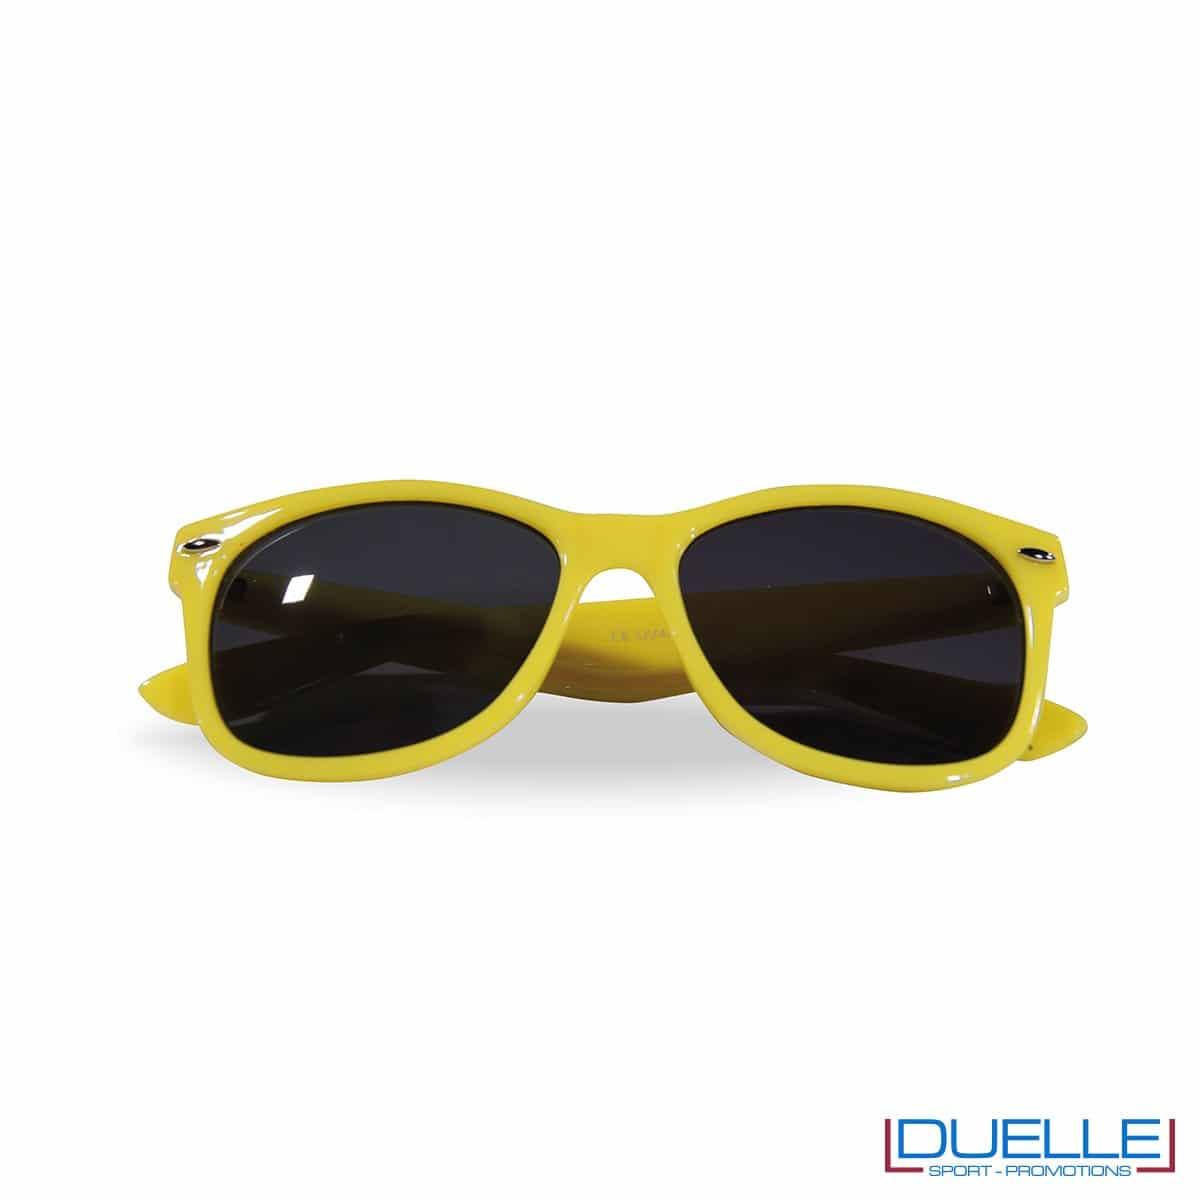 Occhiali da sole colore giallo promozionali